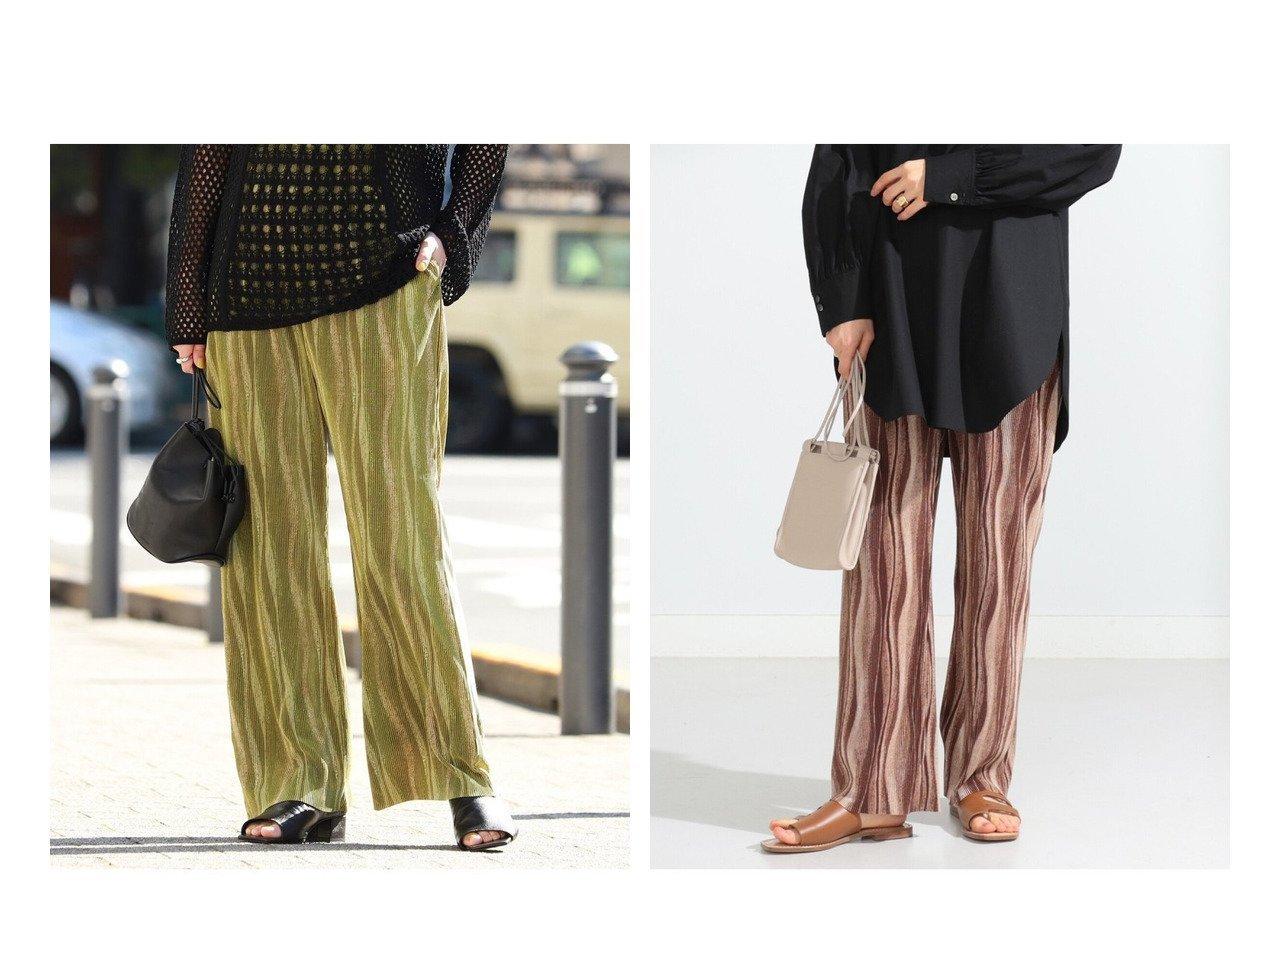 【Ray BEAMS/レイ ビームス】のカット プリーツ プリント パンツ 【パンツ】おすすめ!人気、トレンド・レディースファッションの通販 おすすめで人気の流行・トレンド、ファッションの通販商品 メンズファッション・キッズファッション・インテリア・家具・レディースファッション・服の通販 founy(ファニー) https://founy.com/ ファッション Fashion レディースファッション WOMEN パンツ Pants おすすめ Recommend カットソー ジーンズ プリント プリーツ レギンス |ID:crp329100000029595